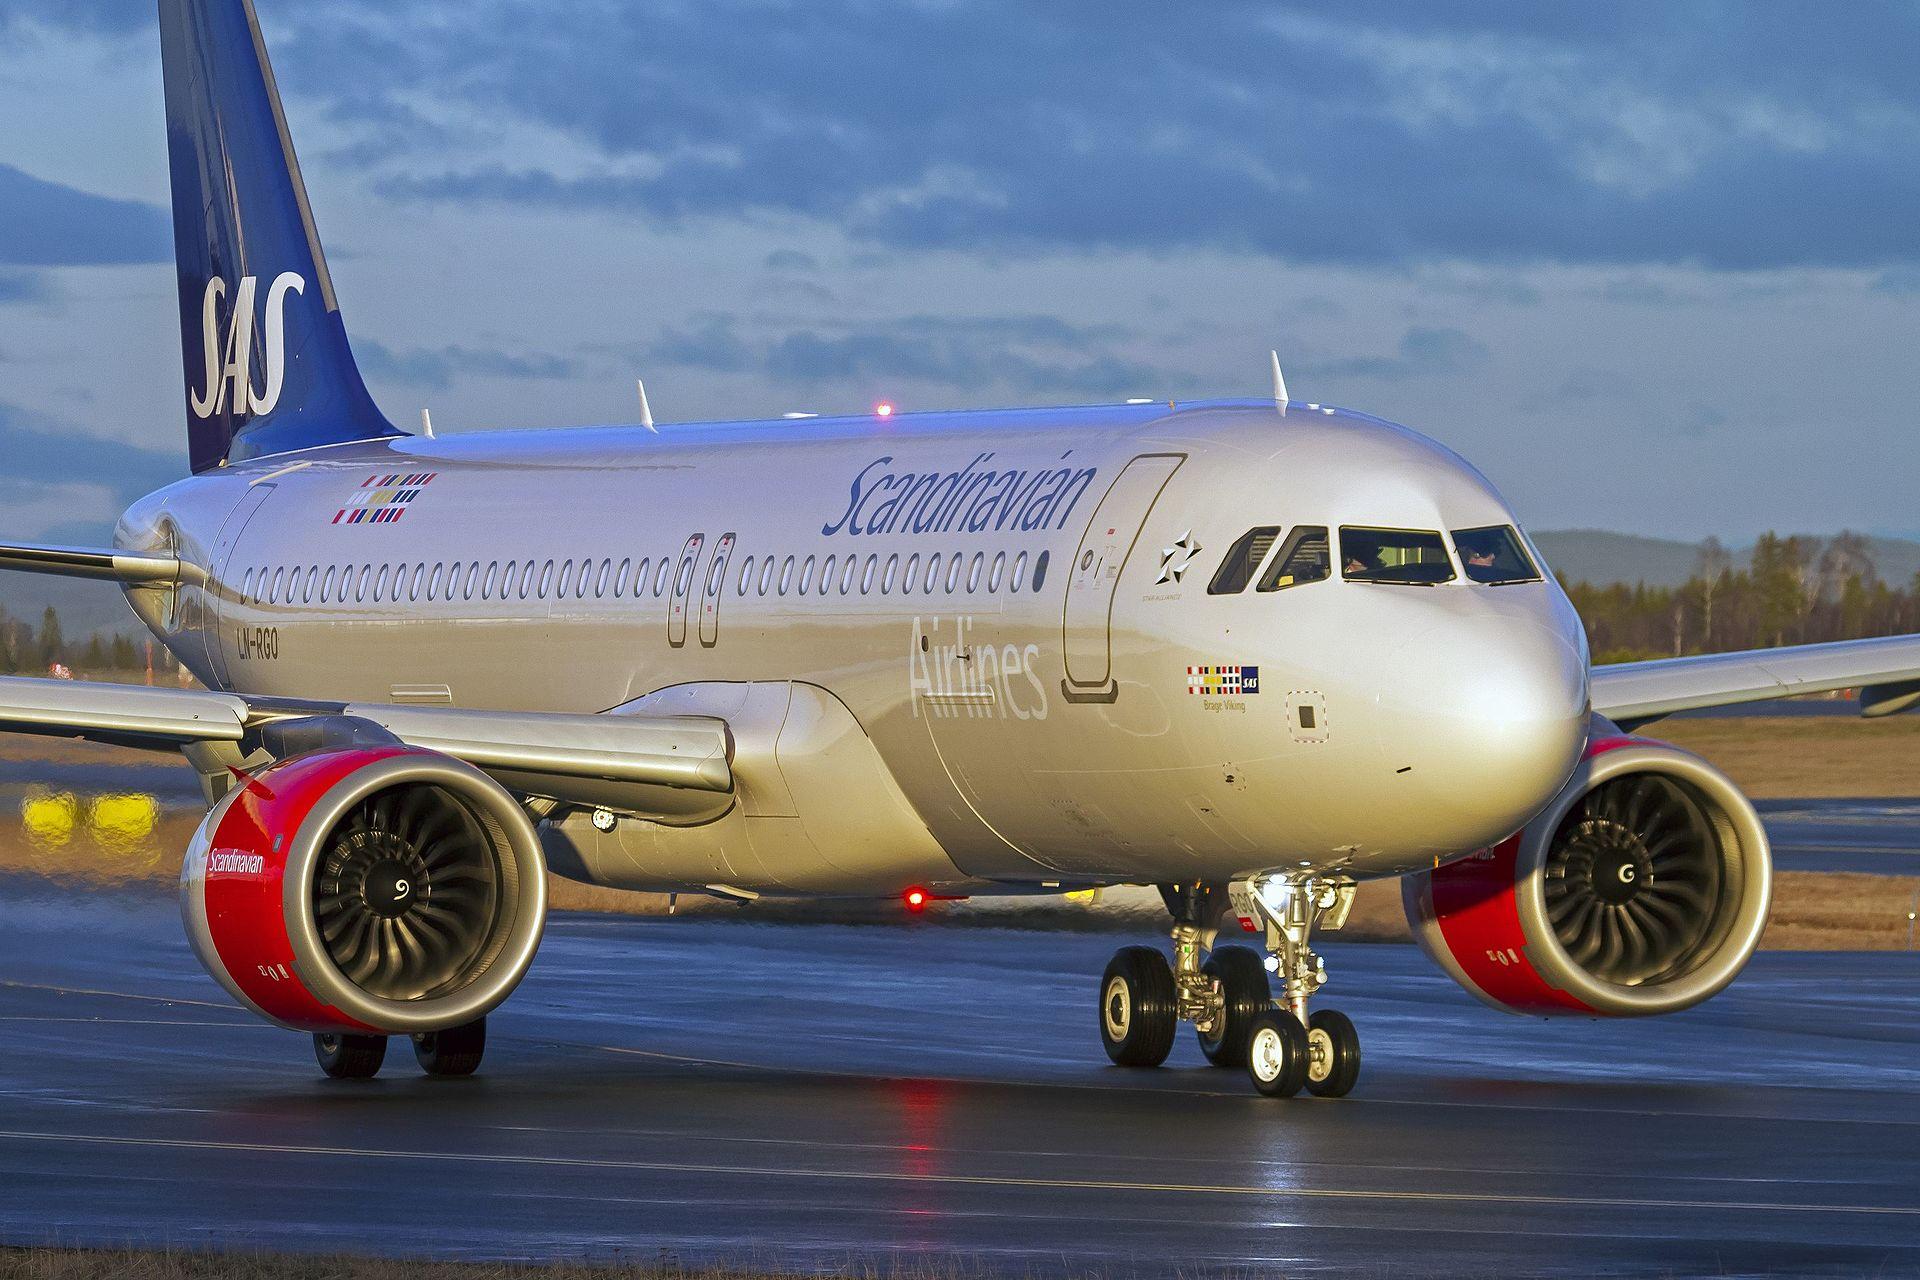 Europe's Biggest Airlines #14 SAS